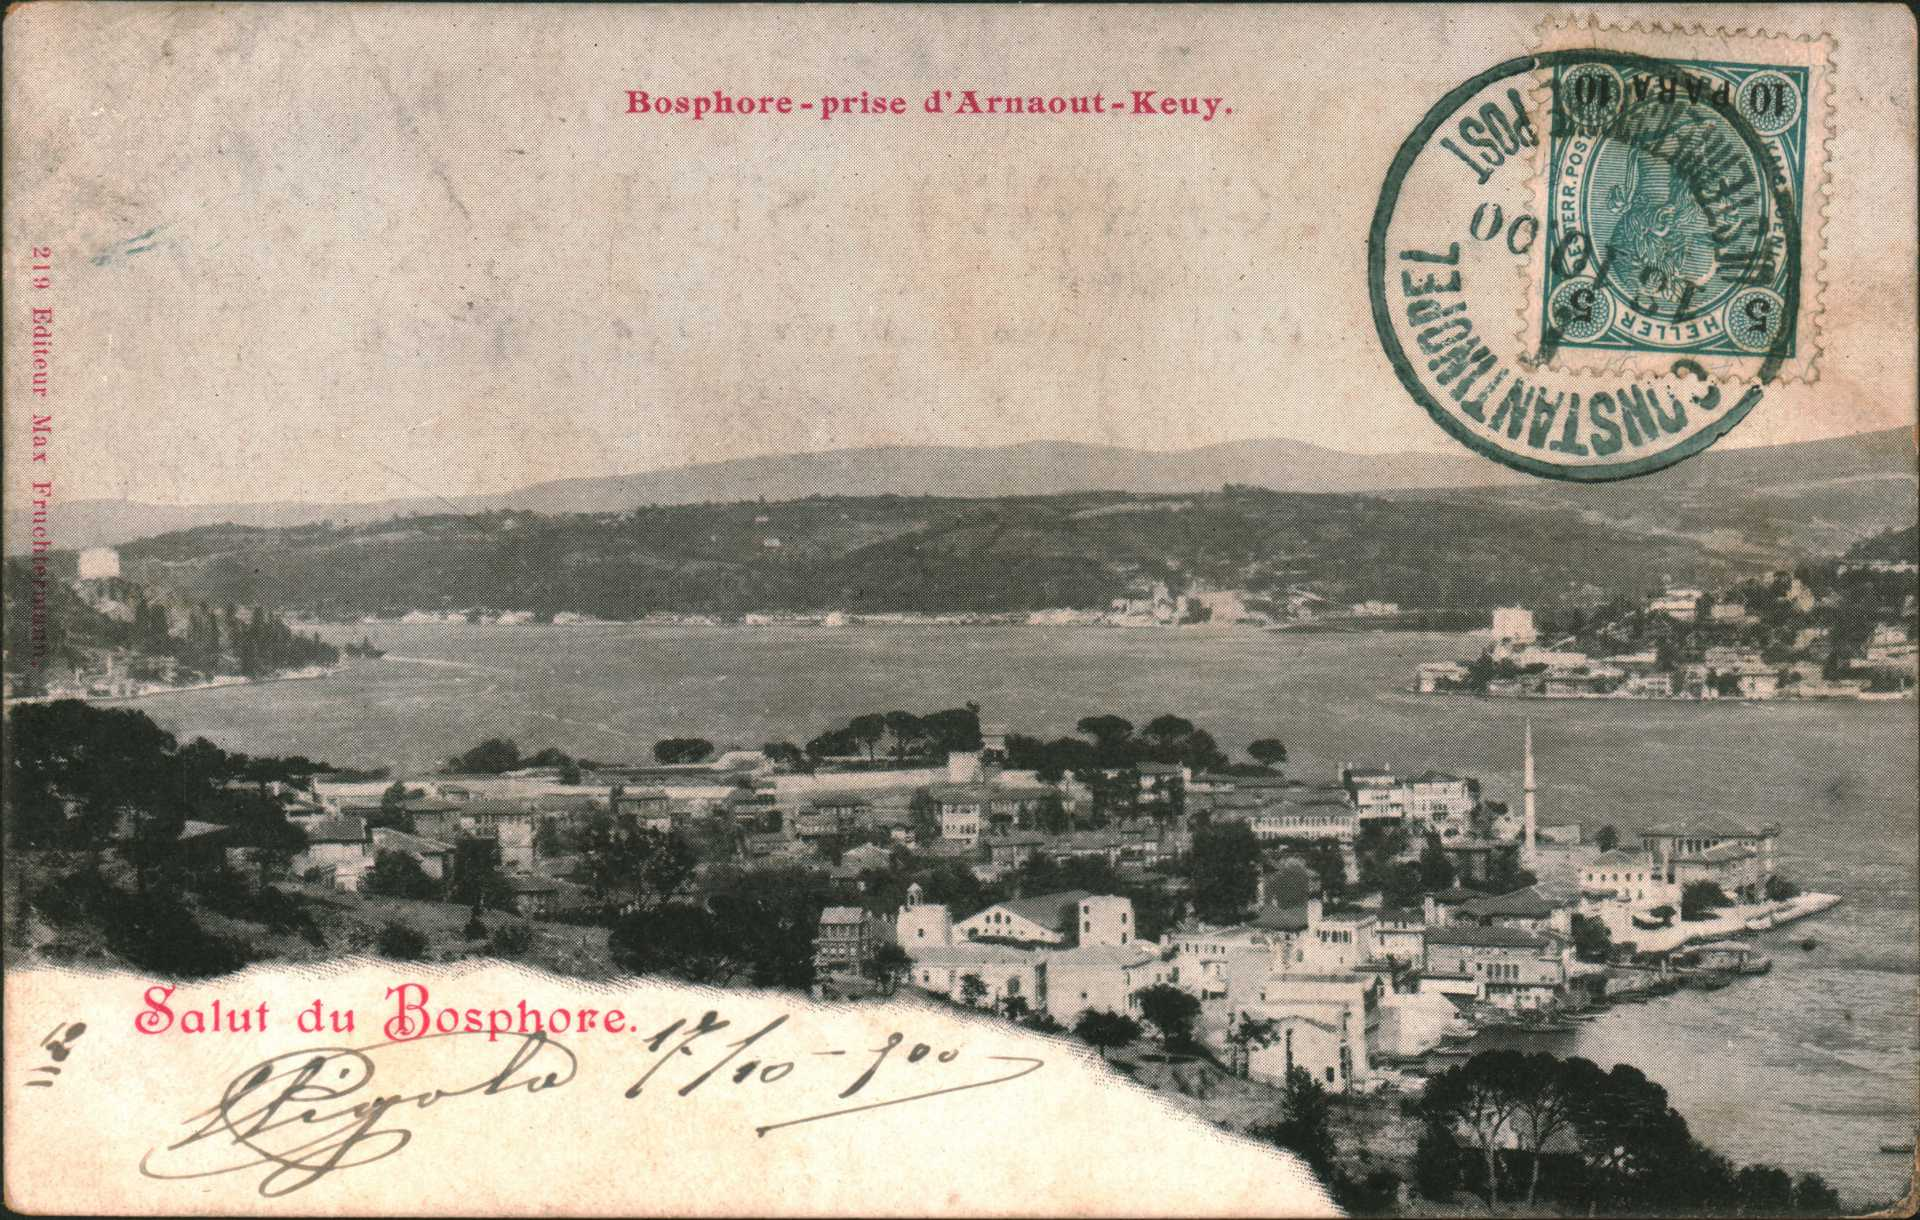 Bosphore-prise d'Arnaout-Keuy. Salut du Bosphore.